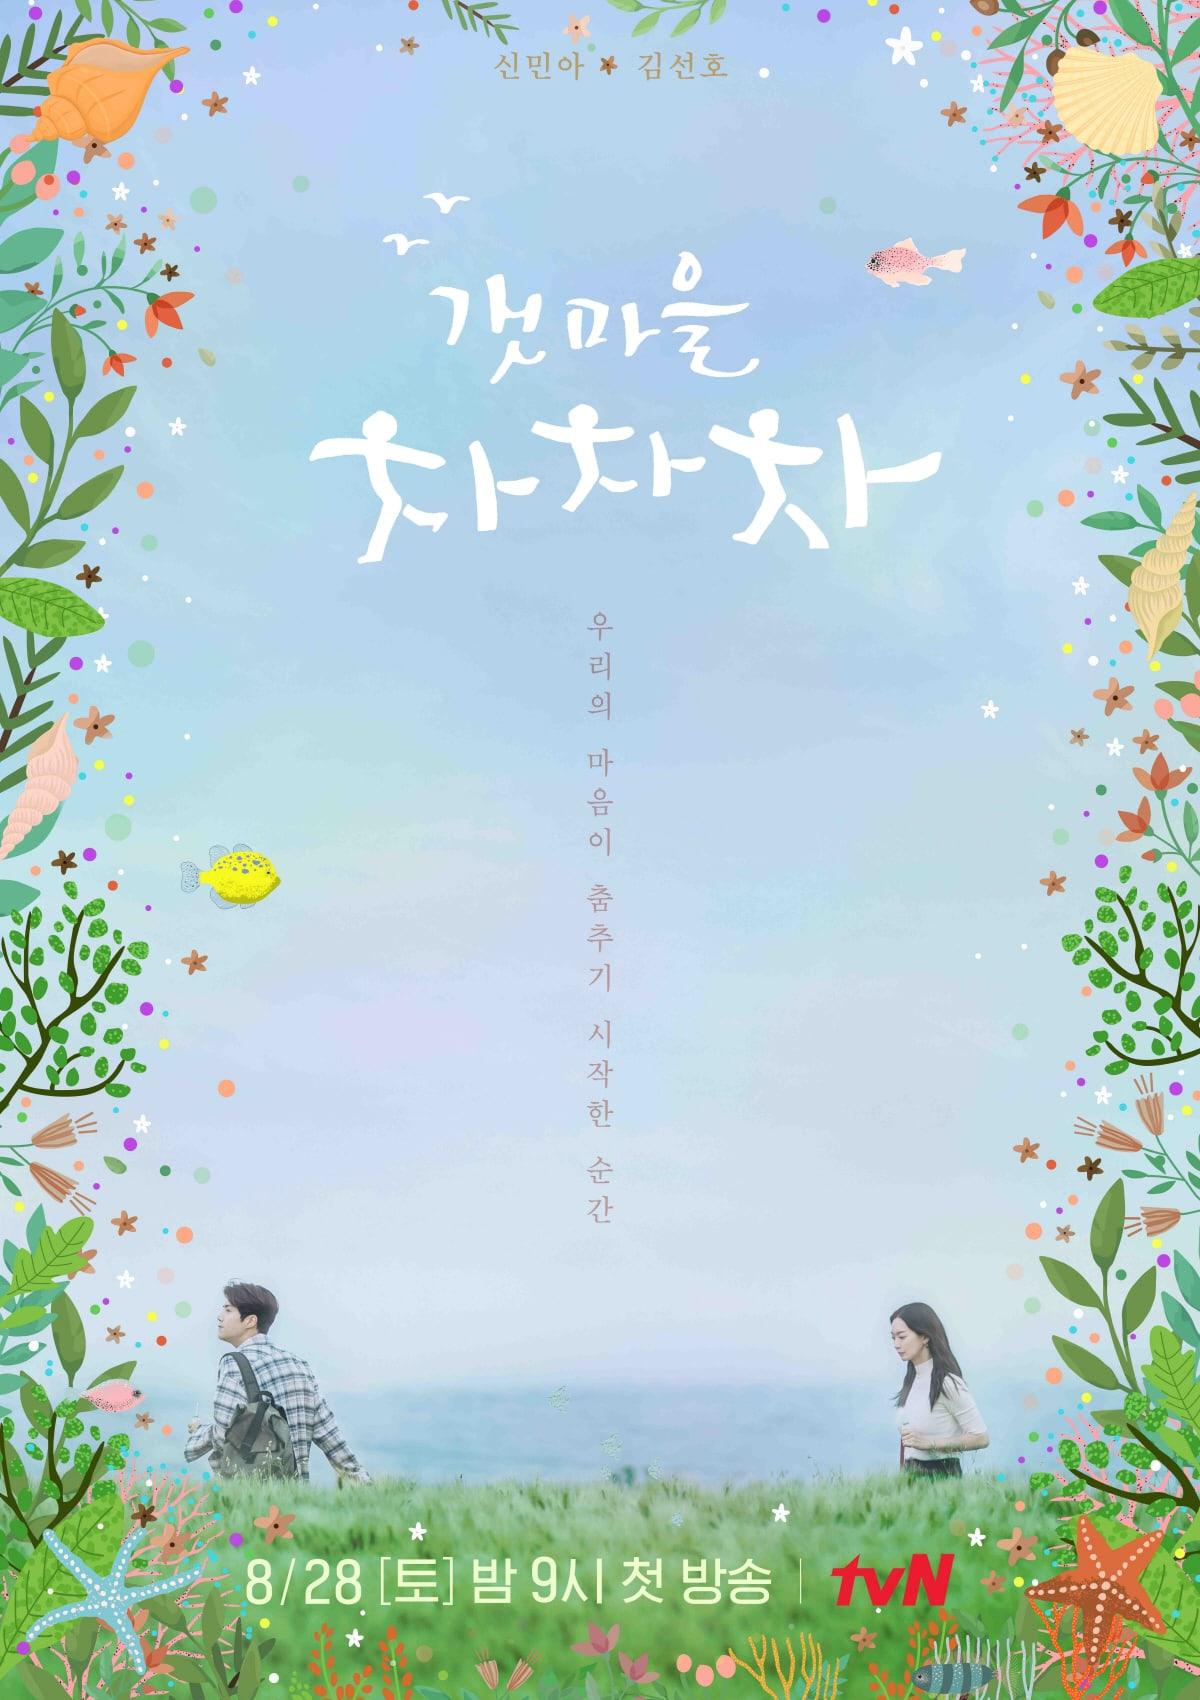 Premiere date of Kim Seon Ho and Shin Min Ah's drama, 'Hometown Cha-Cha-Cha'